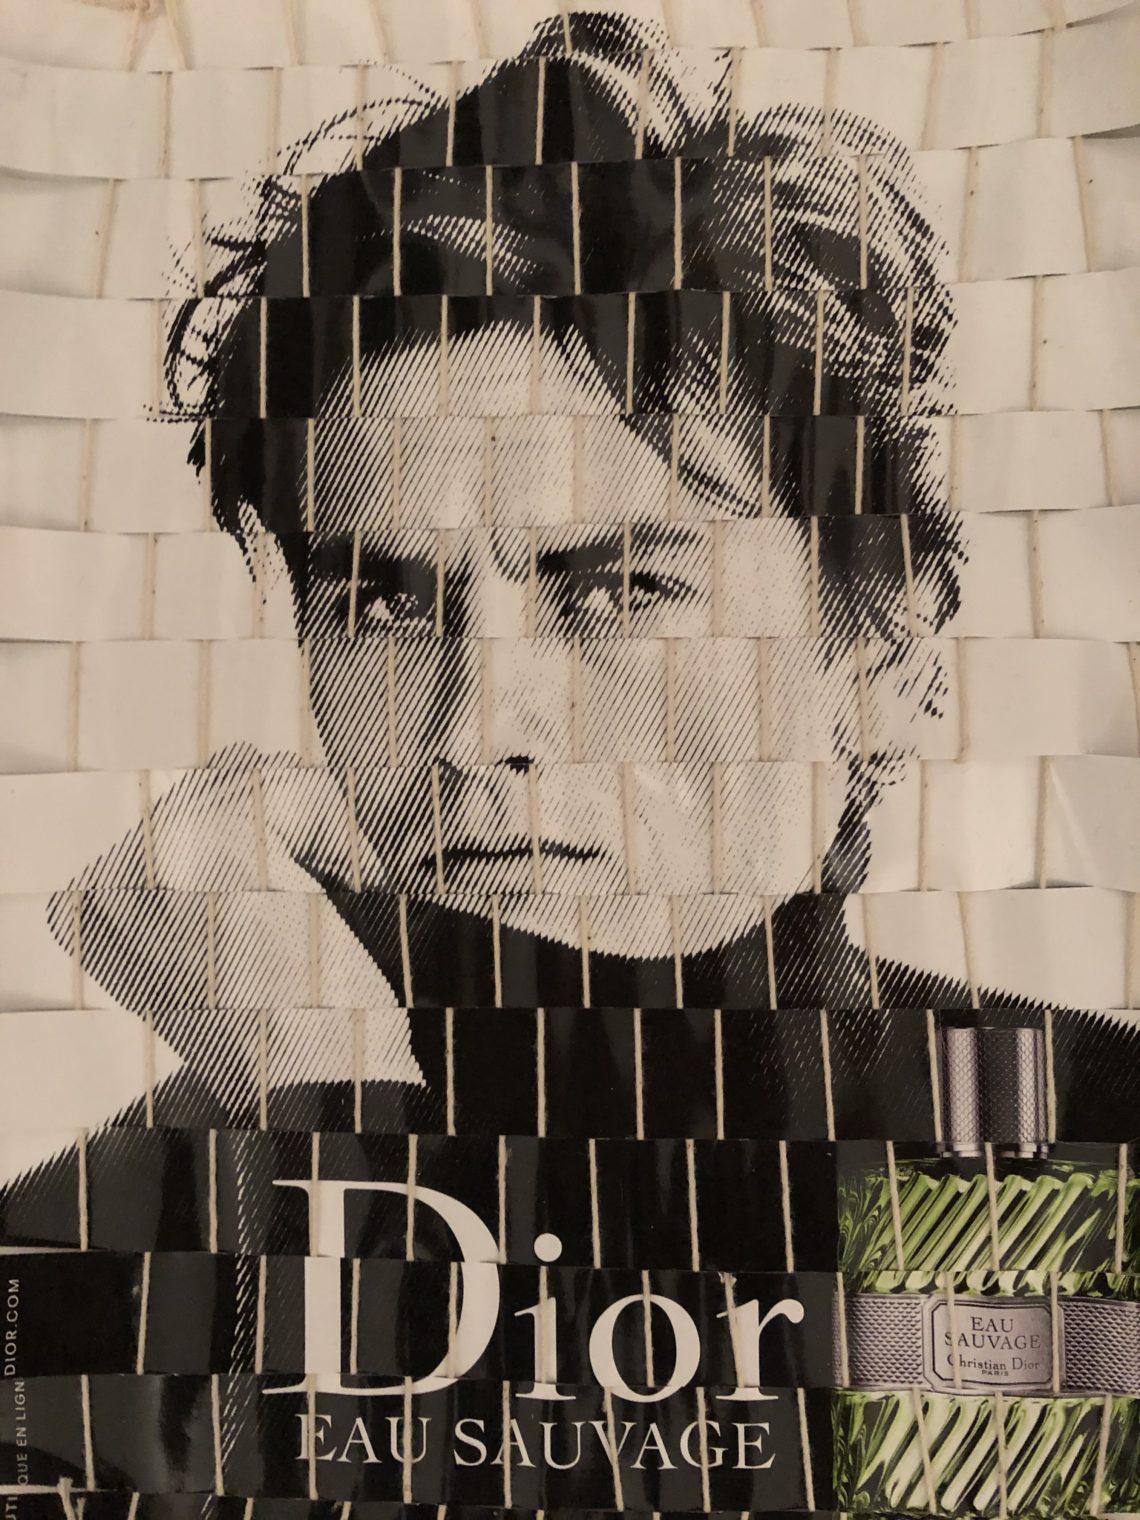 Tissage publicité parfum Dior